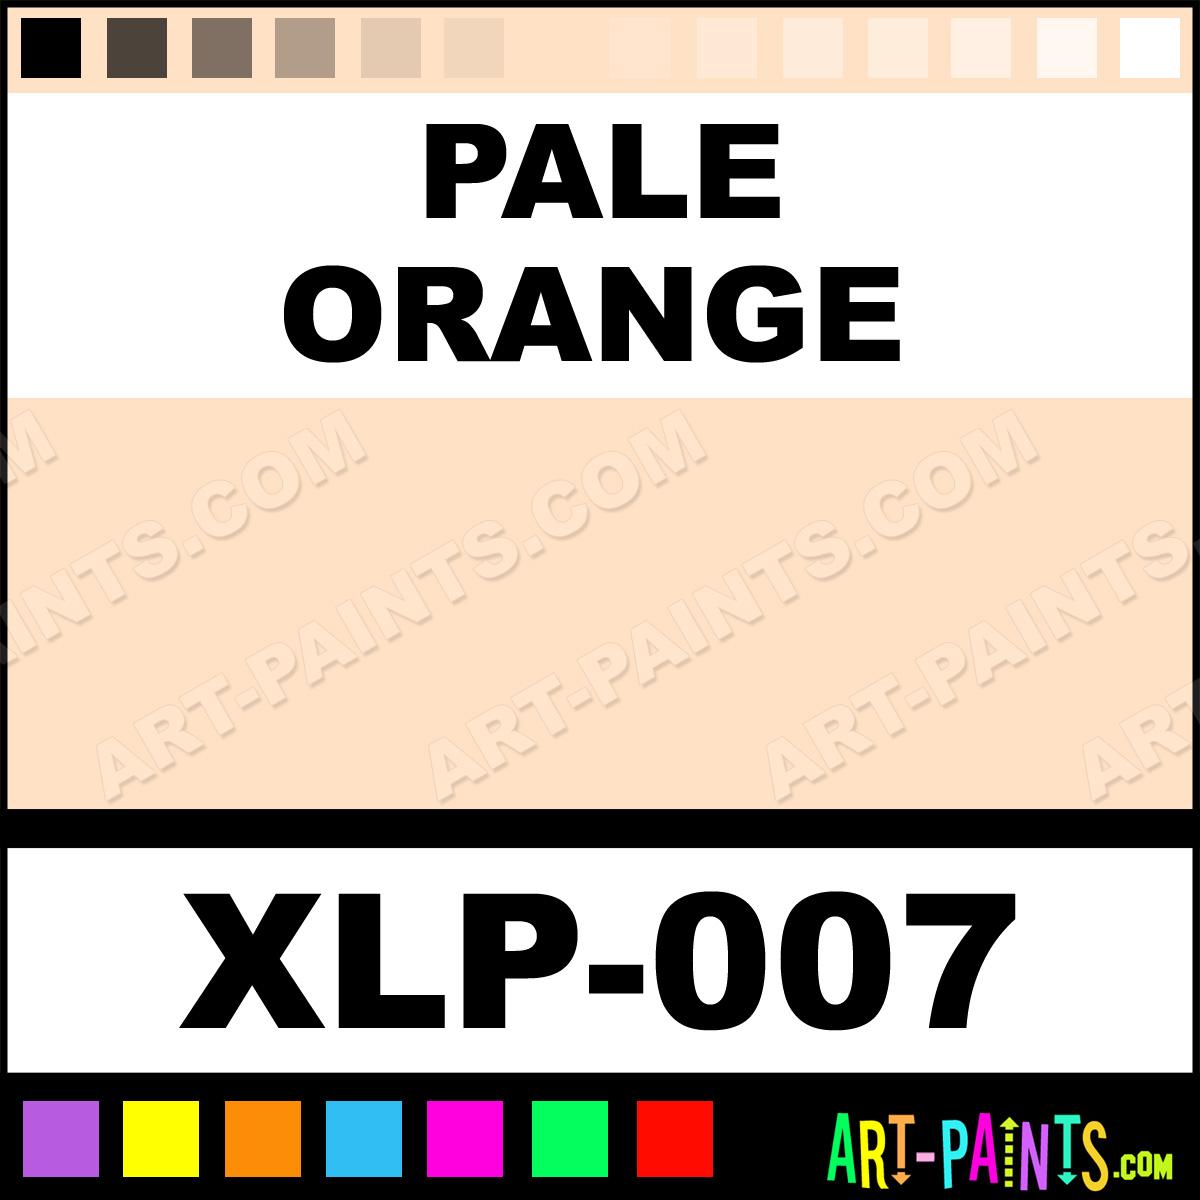 Pale Orange Paint pale orange expressionist oil pastel paints - xlp-007 - pale